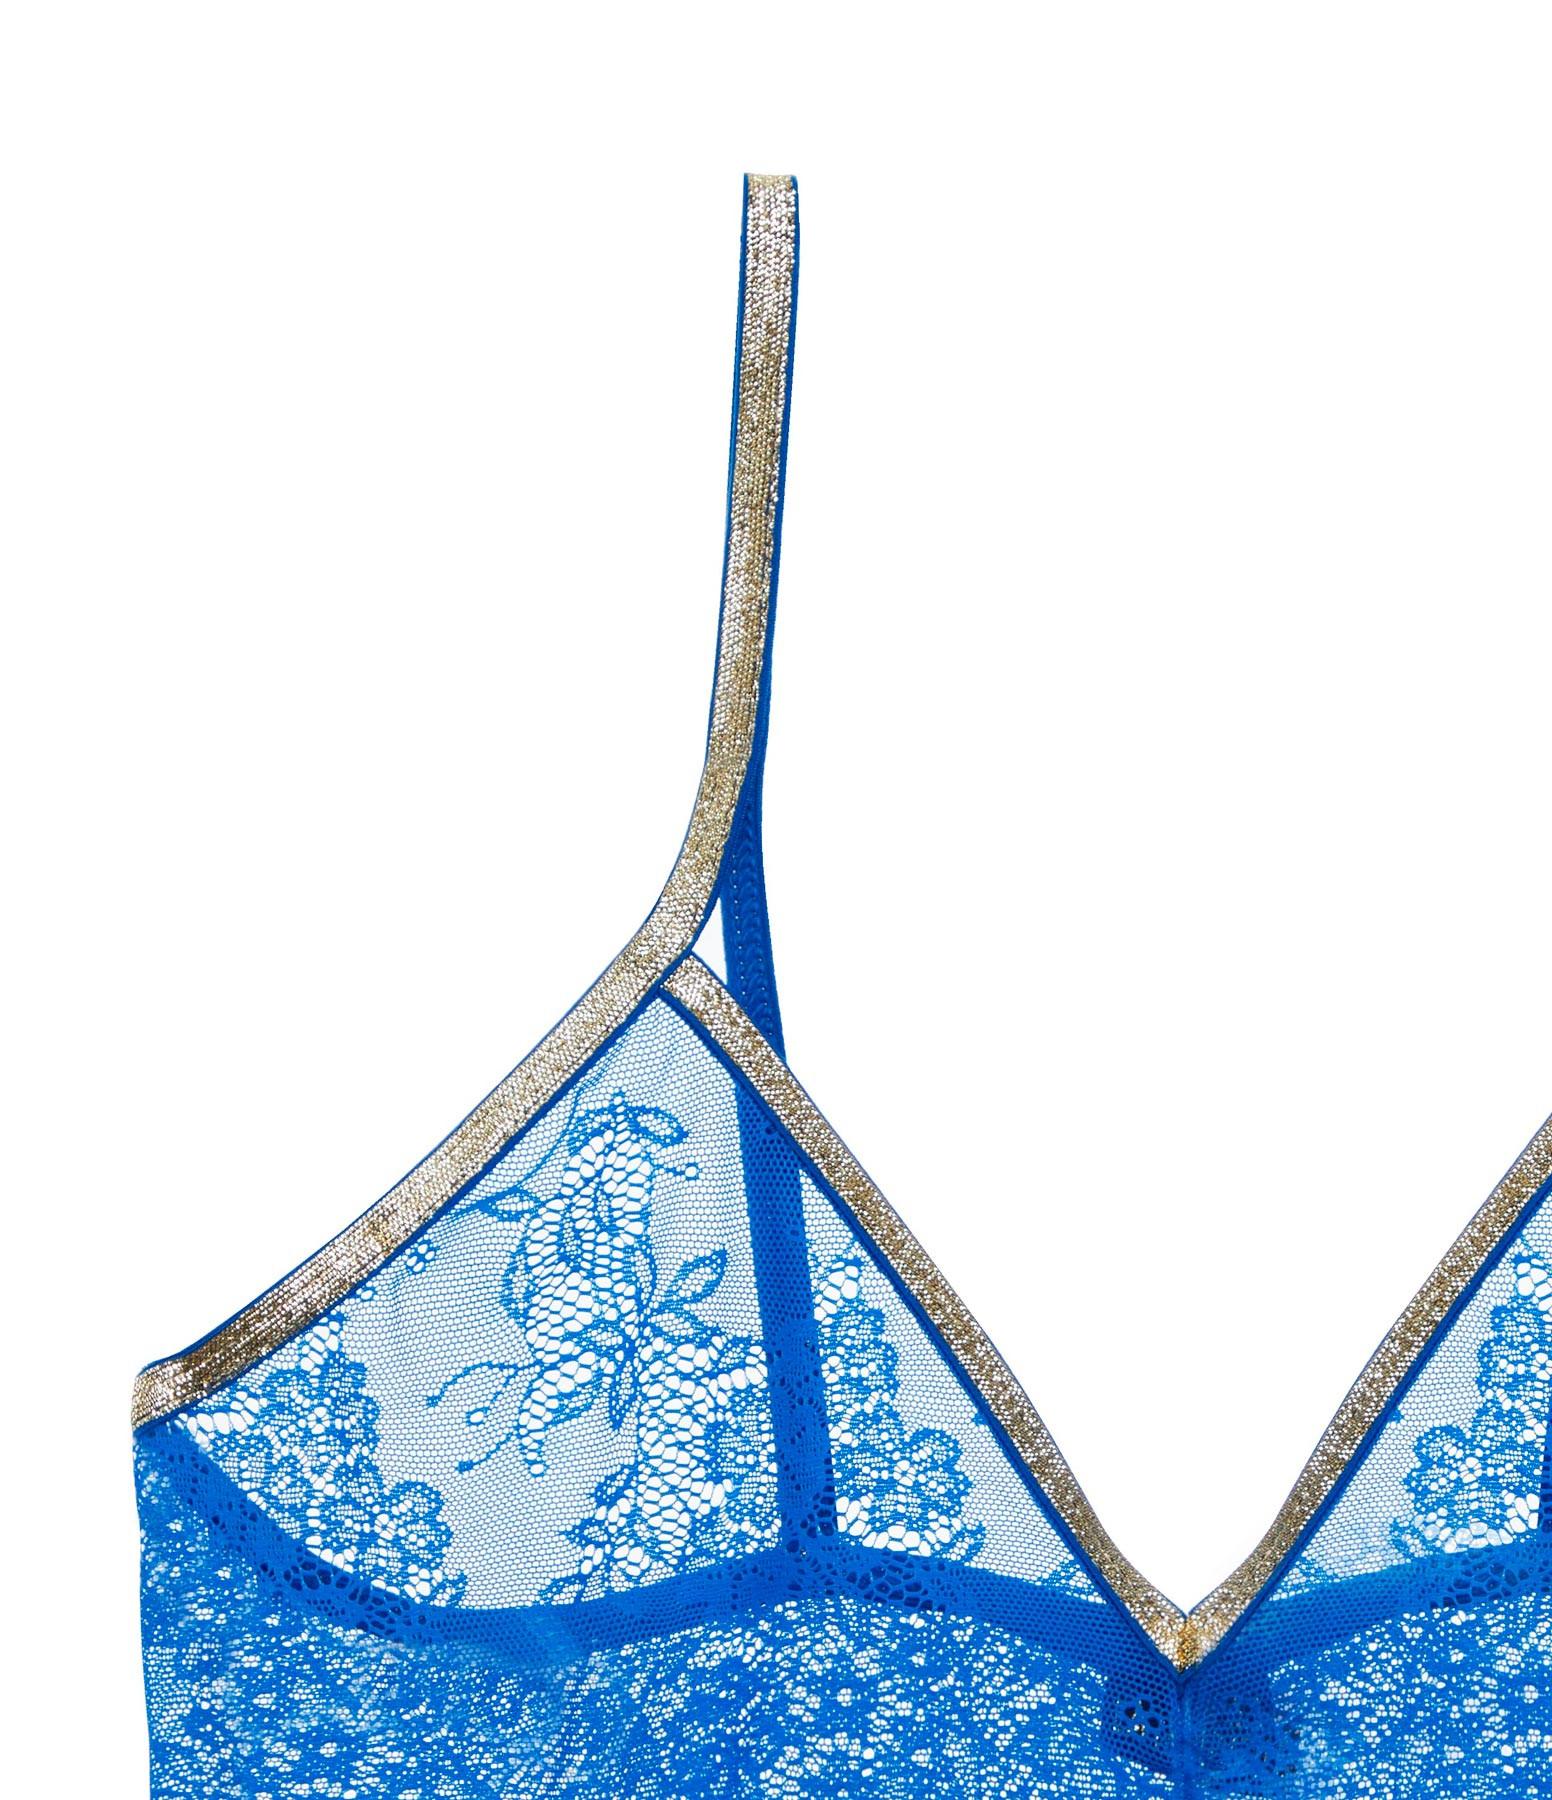 LA NOUVELLE - Brassière Georgia Dentelle Bleu Imperial